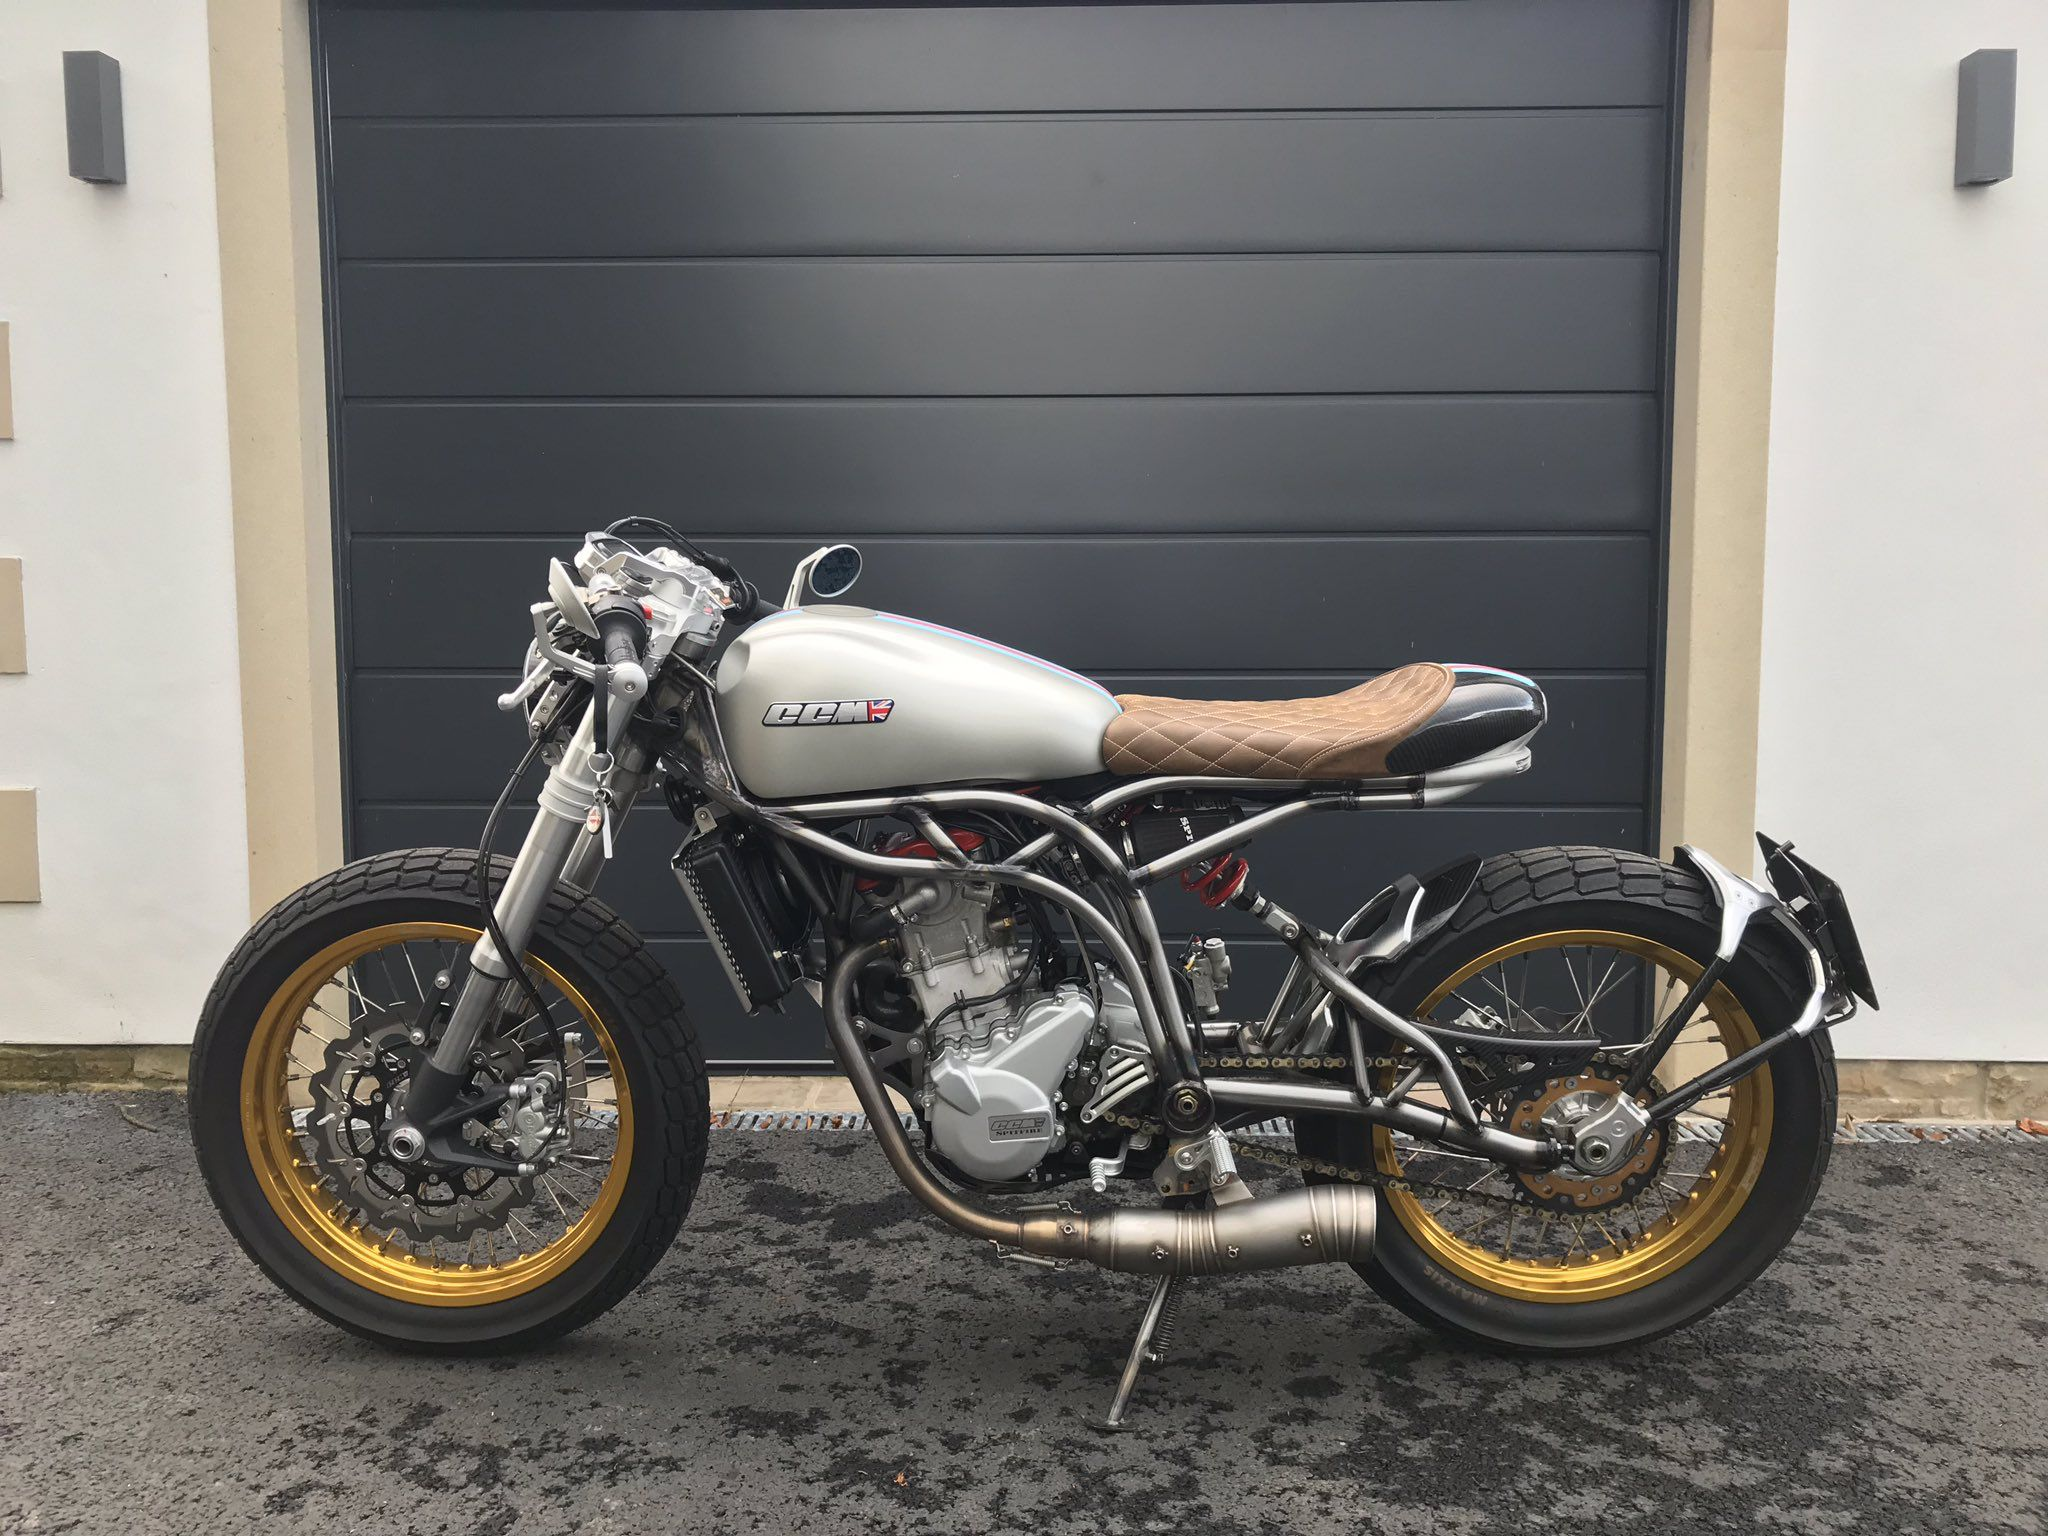 CCM Spitfire Café Racer | Motorcycling | Motorcycle, Bike